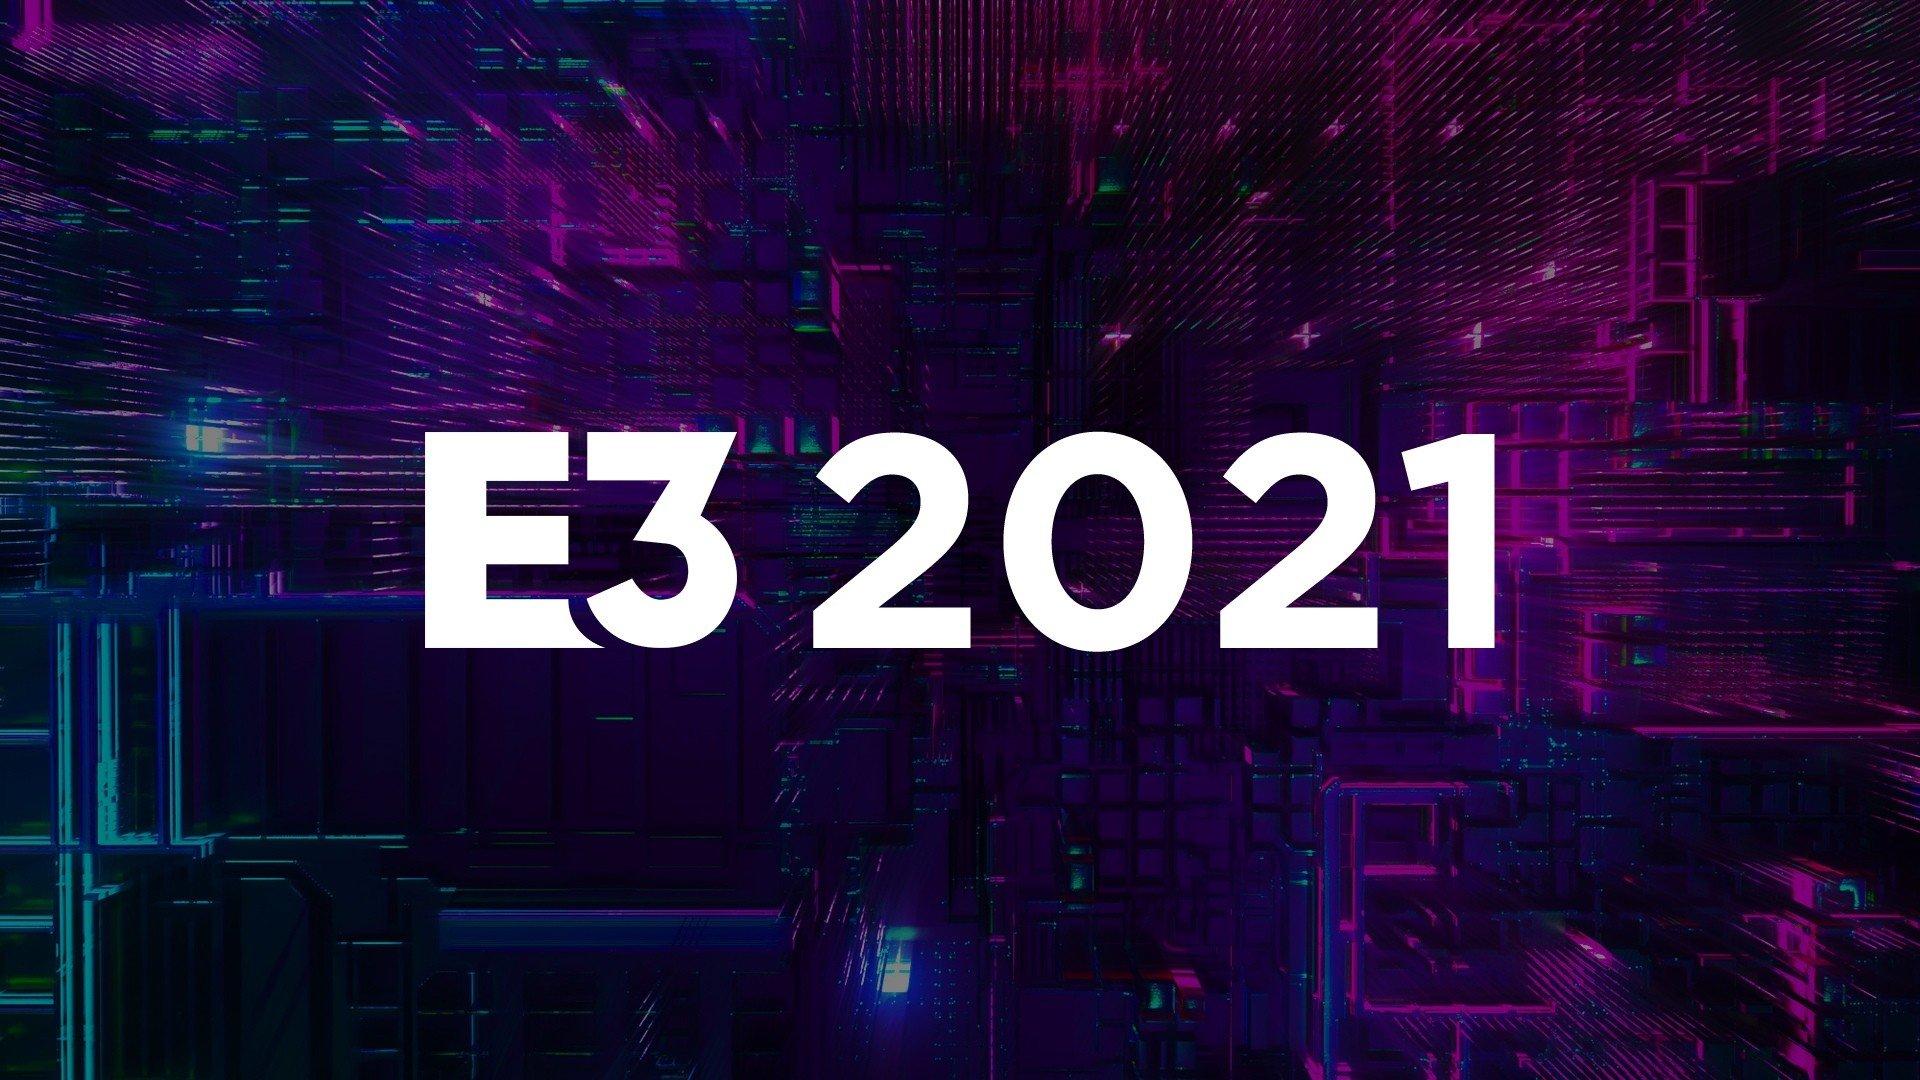 Мероприятие E3 2021 в offlineформате официально отменено